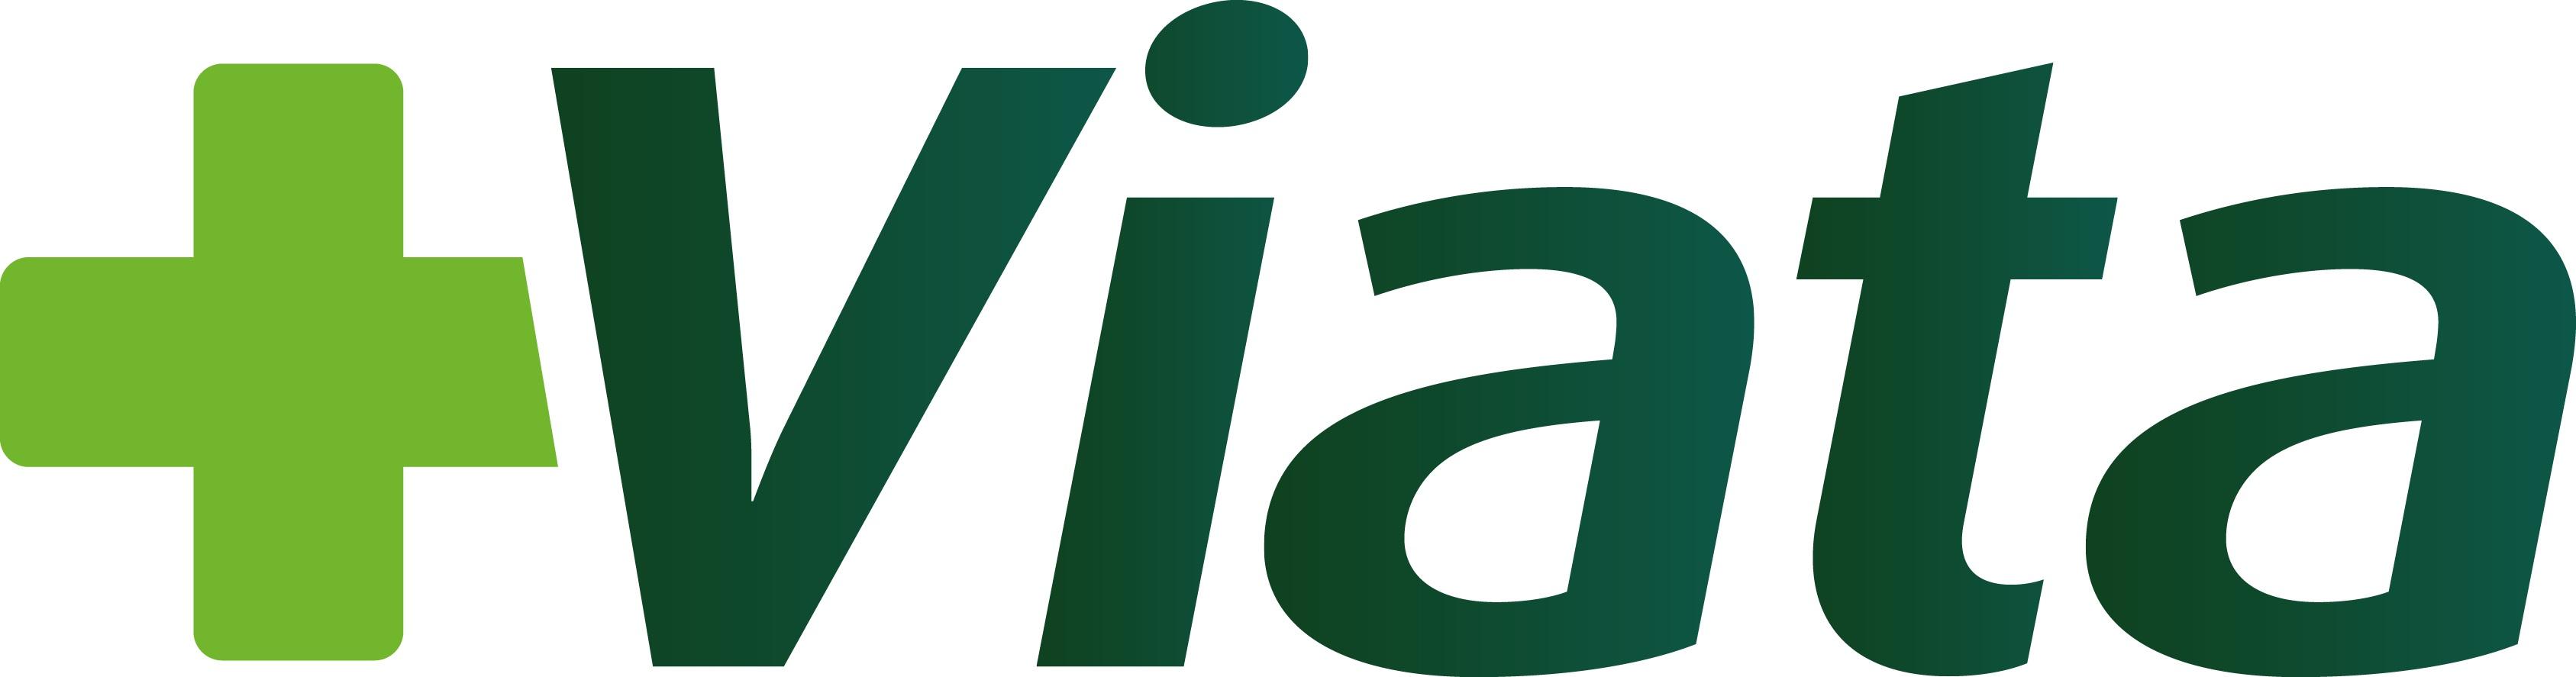 Kortingscode Viata voor 13% korting op je hele bestelling